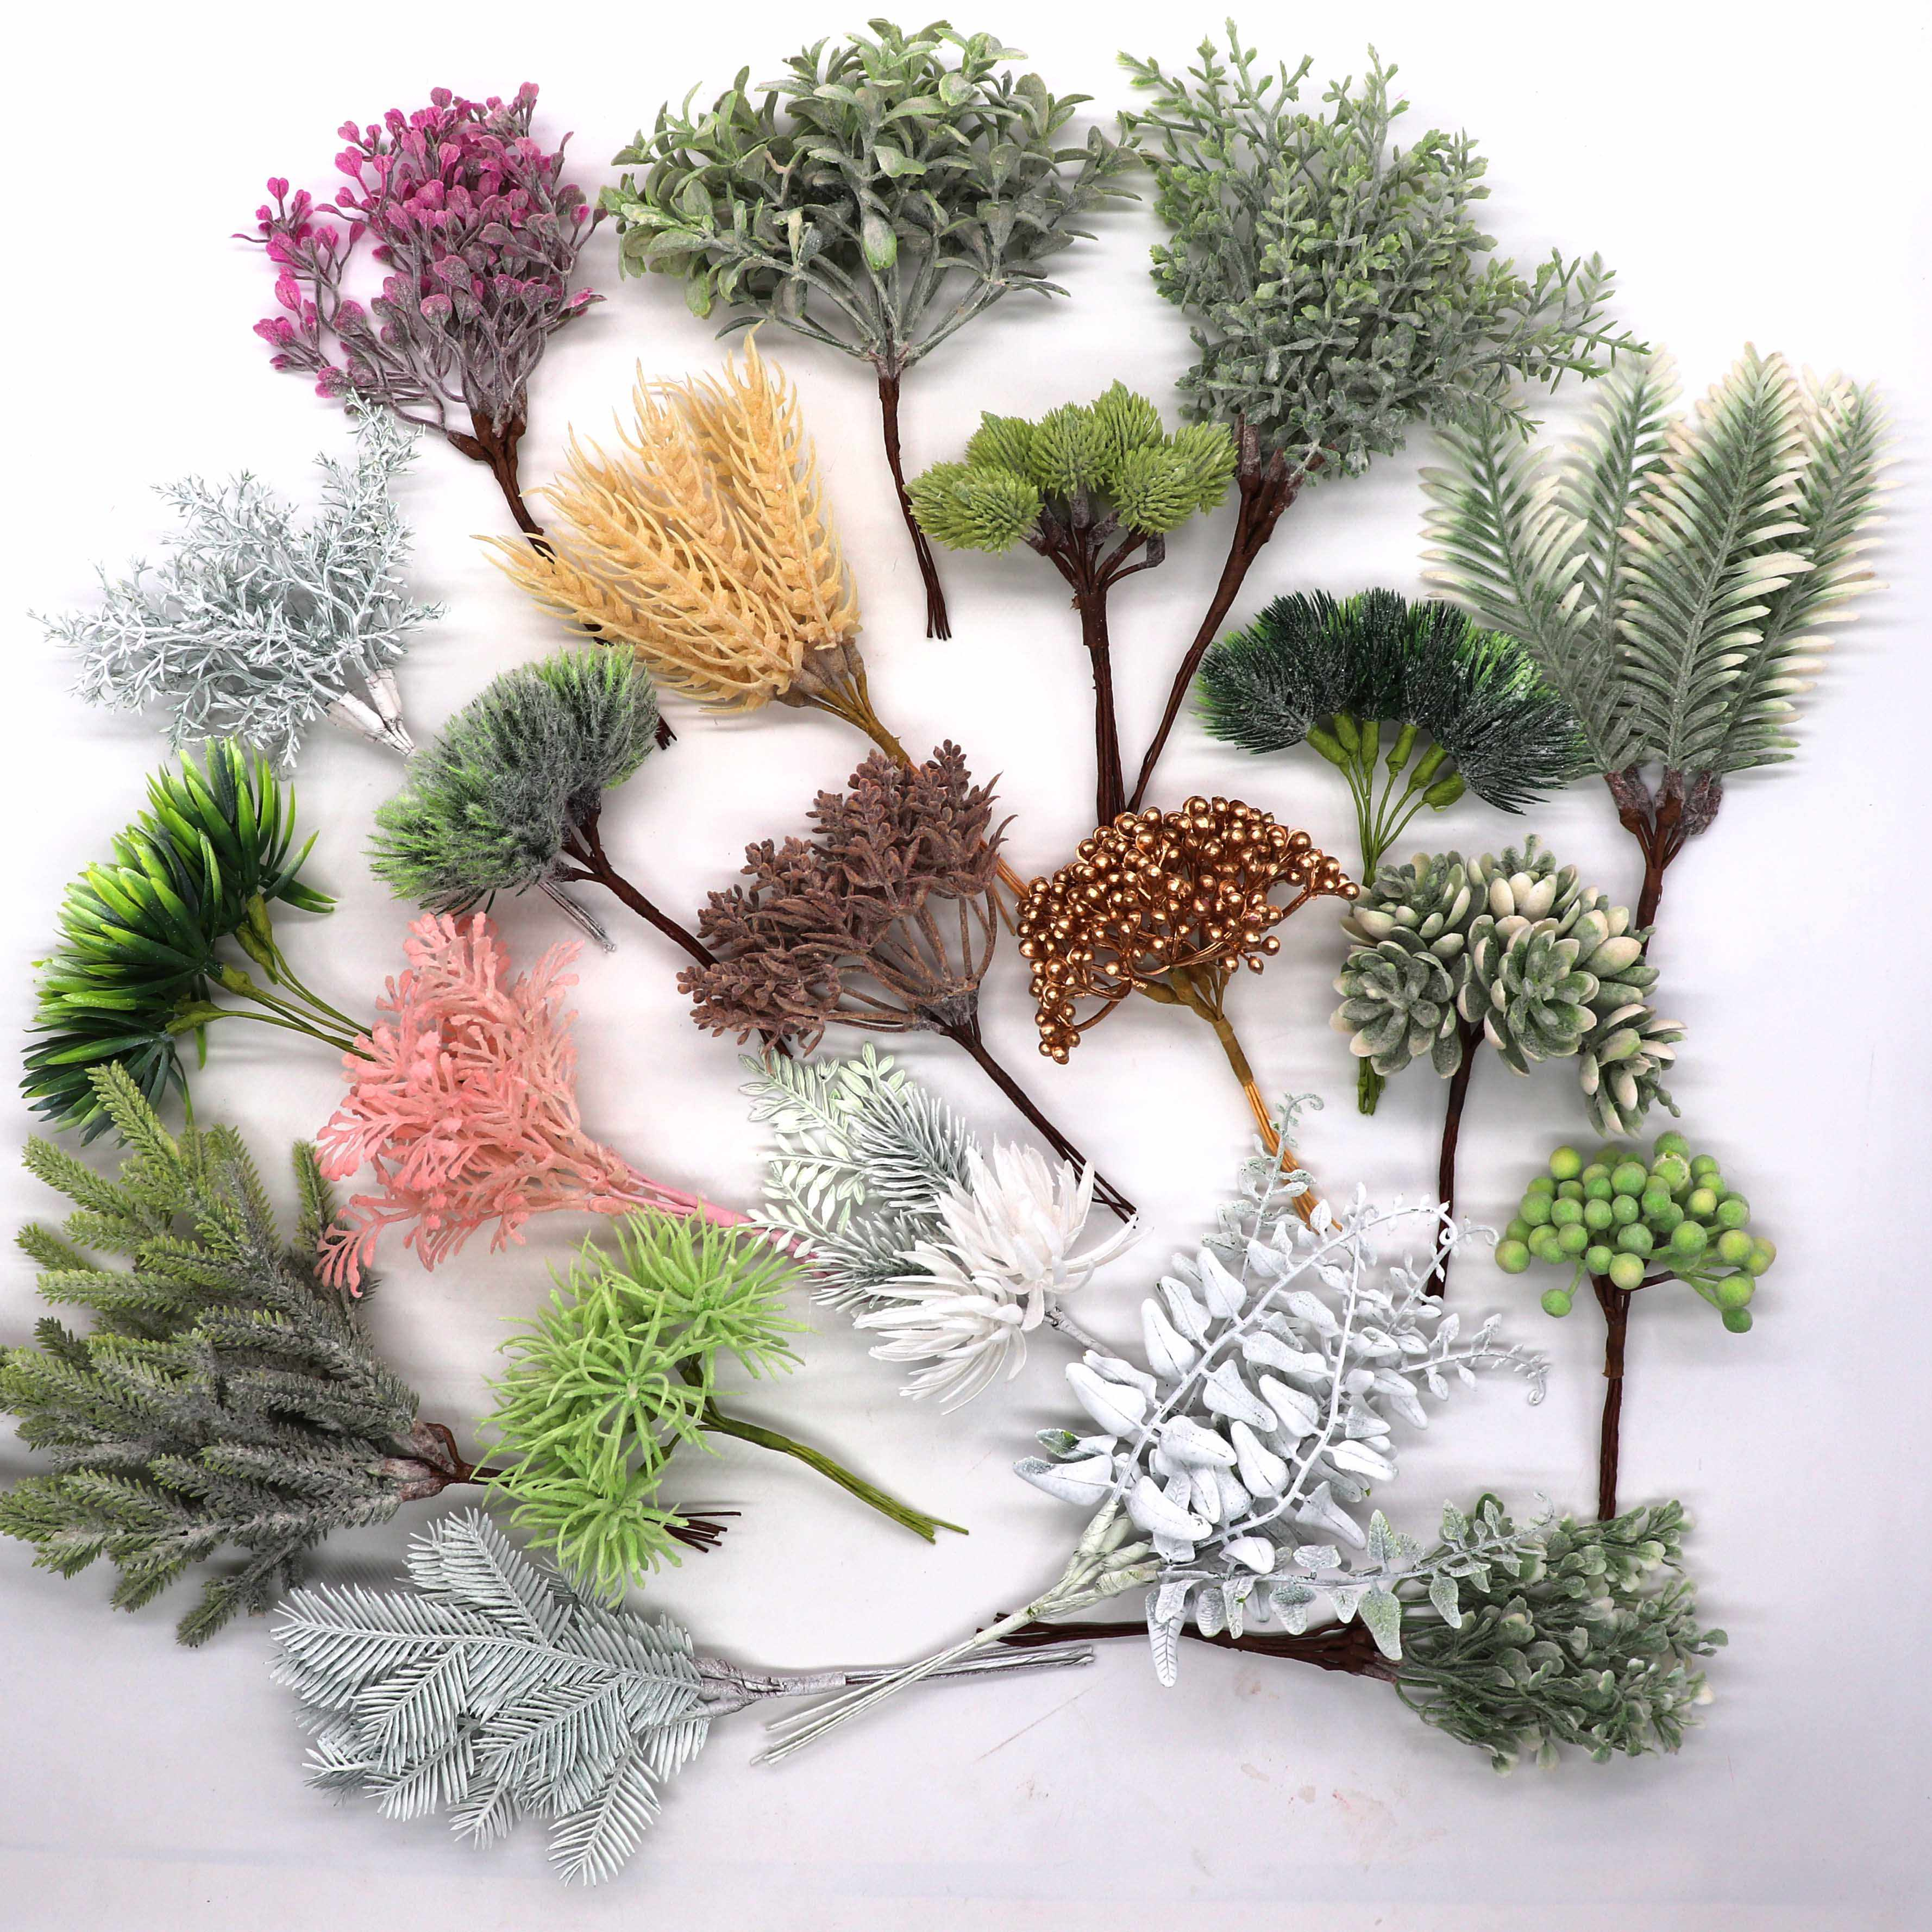 6 stuks kunstmatige plant gras bruiloft krans Kerst decoratie accessoires kunstbloemen